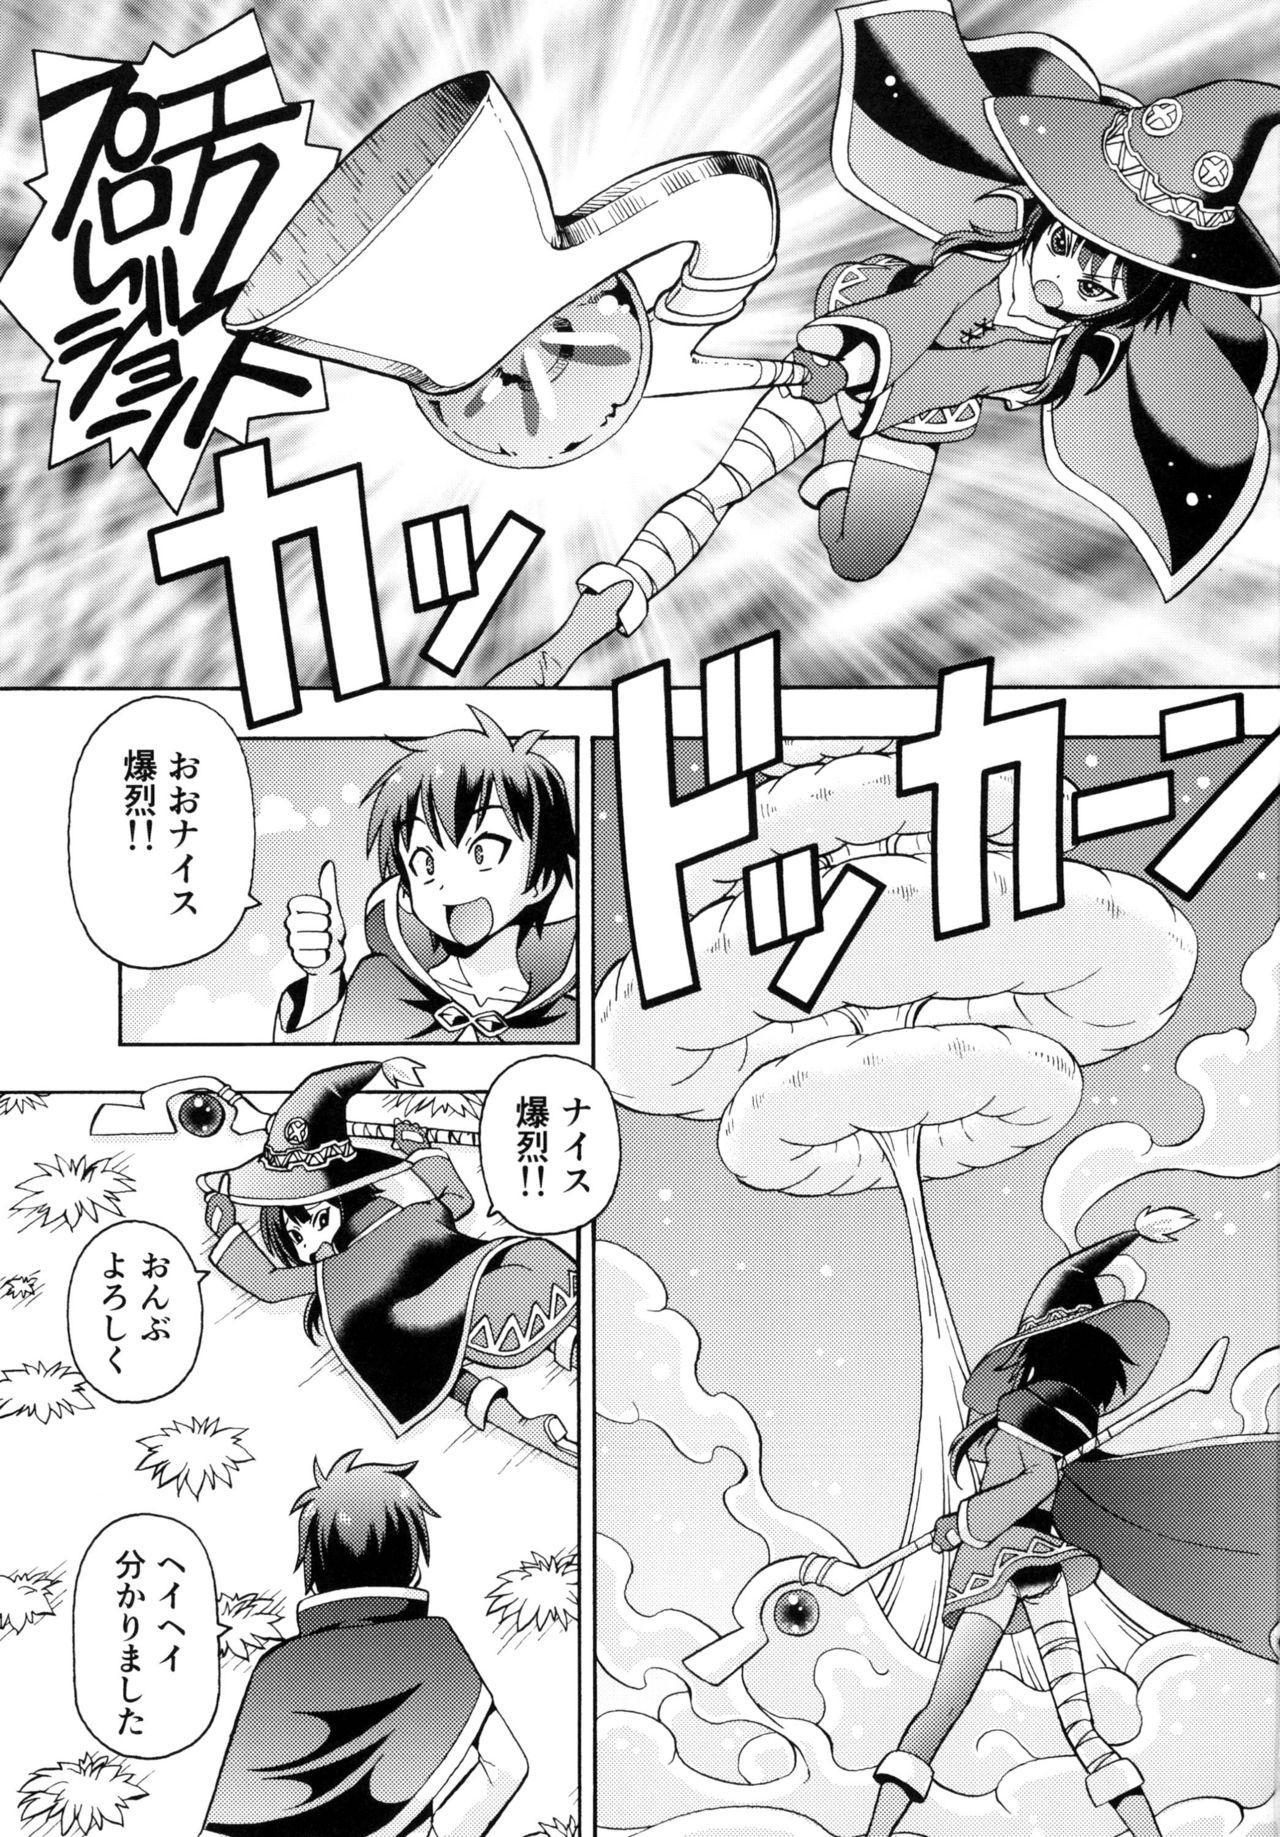 Ero Subarashii Sekai ni Nakadashi o! 4 1